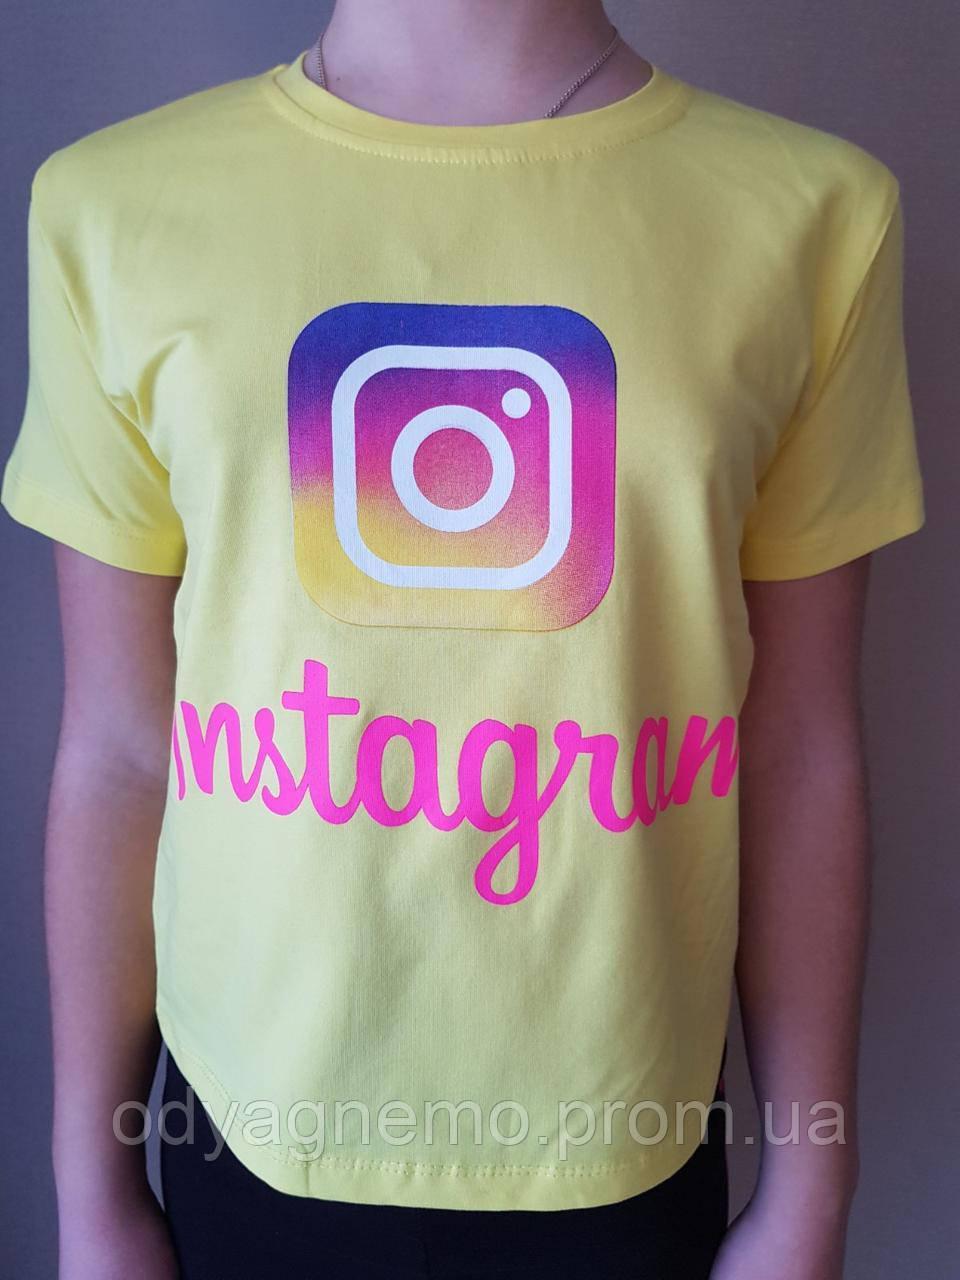 Футболка Instagram для девочек, 10-13 лет. Артикул: 194-1201-желтая